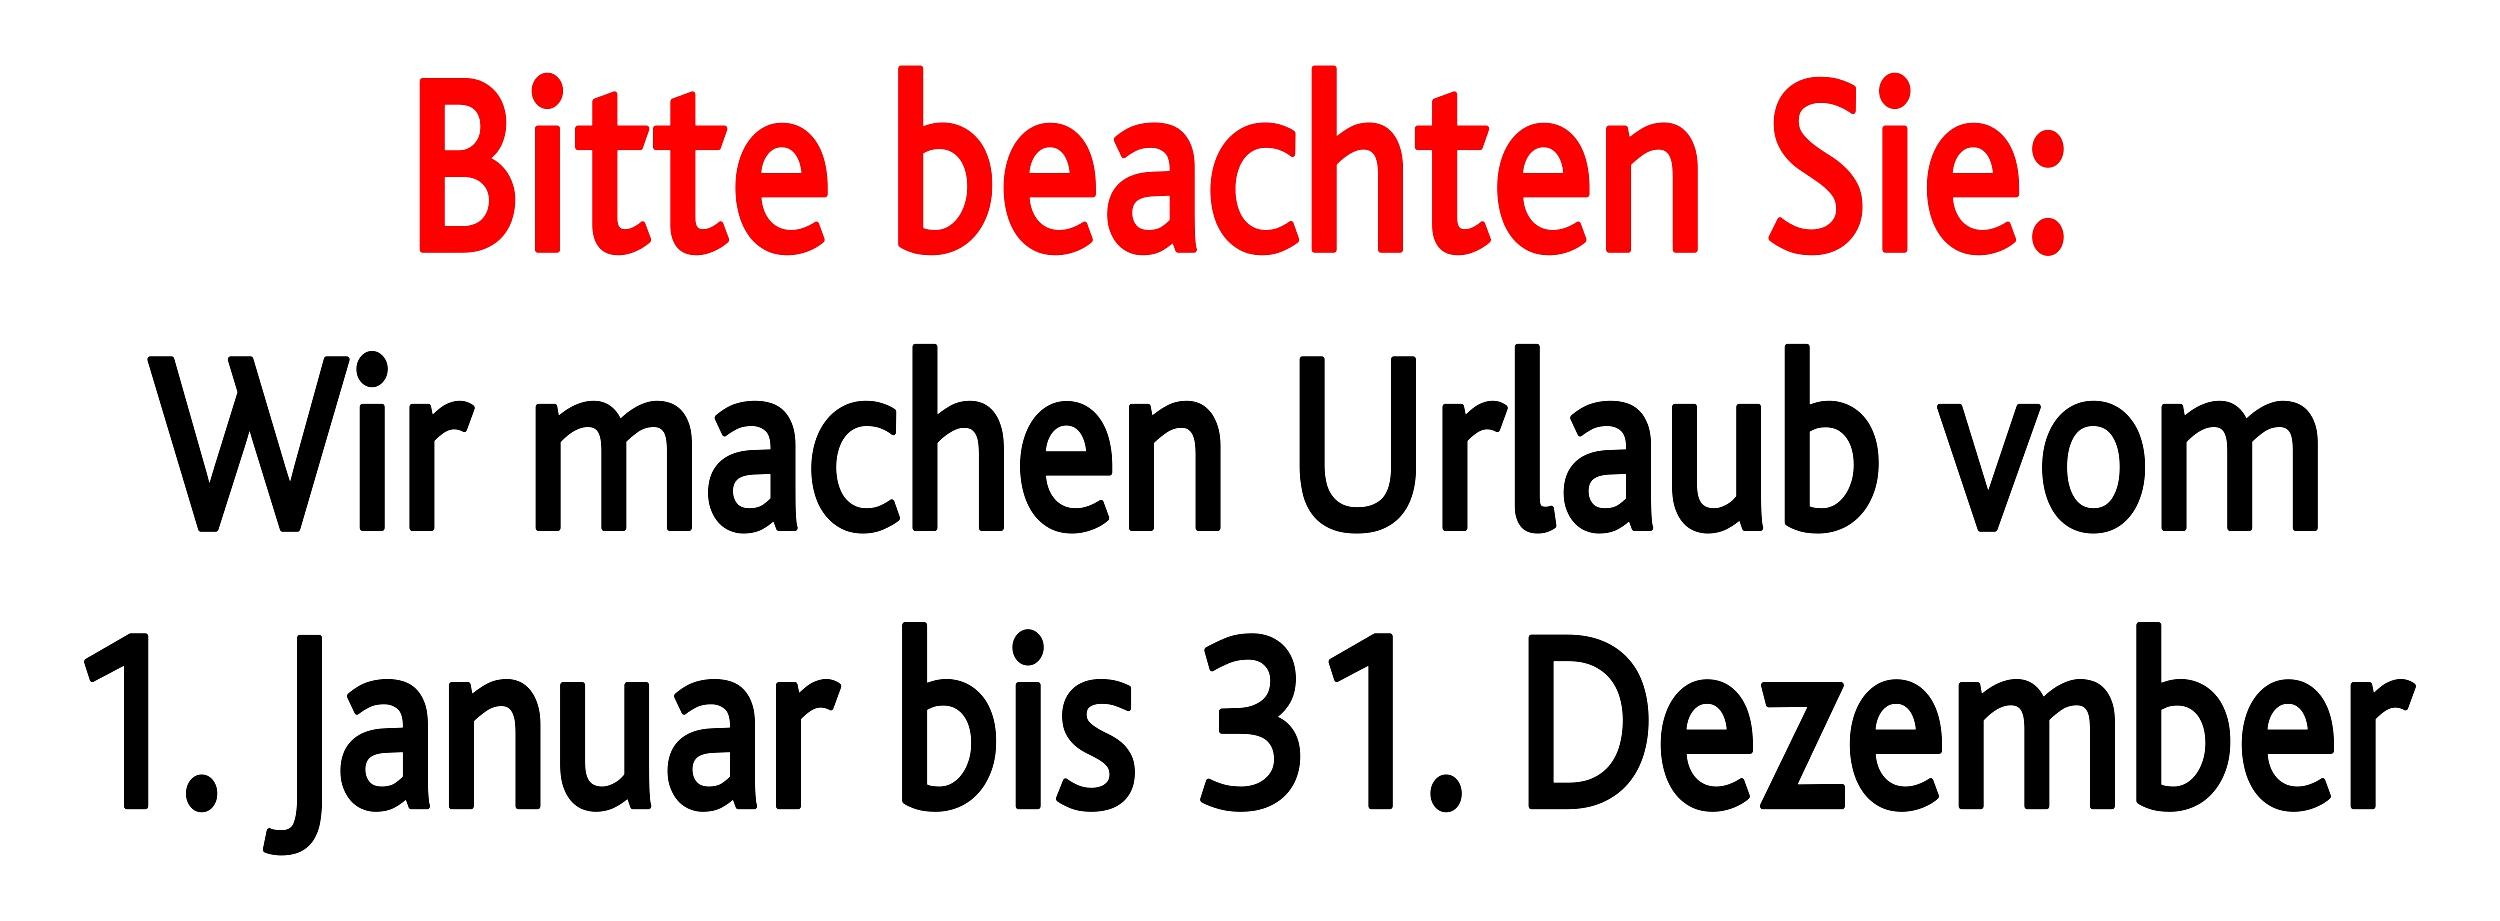 Aufkleber Bitte beachten Sie: Wir machen Urlaub vom 1. Januar bis 31. Dezember 70 x 190 mm – Bild 1